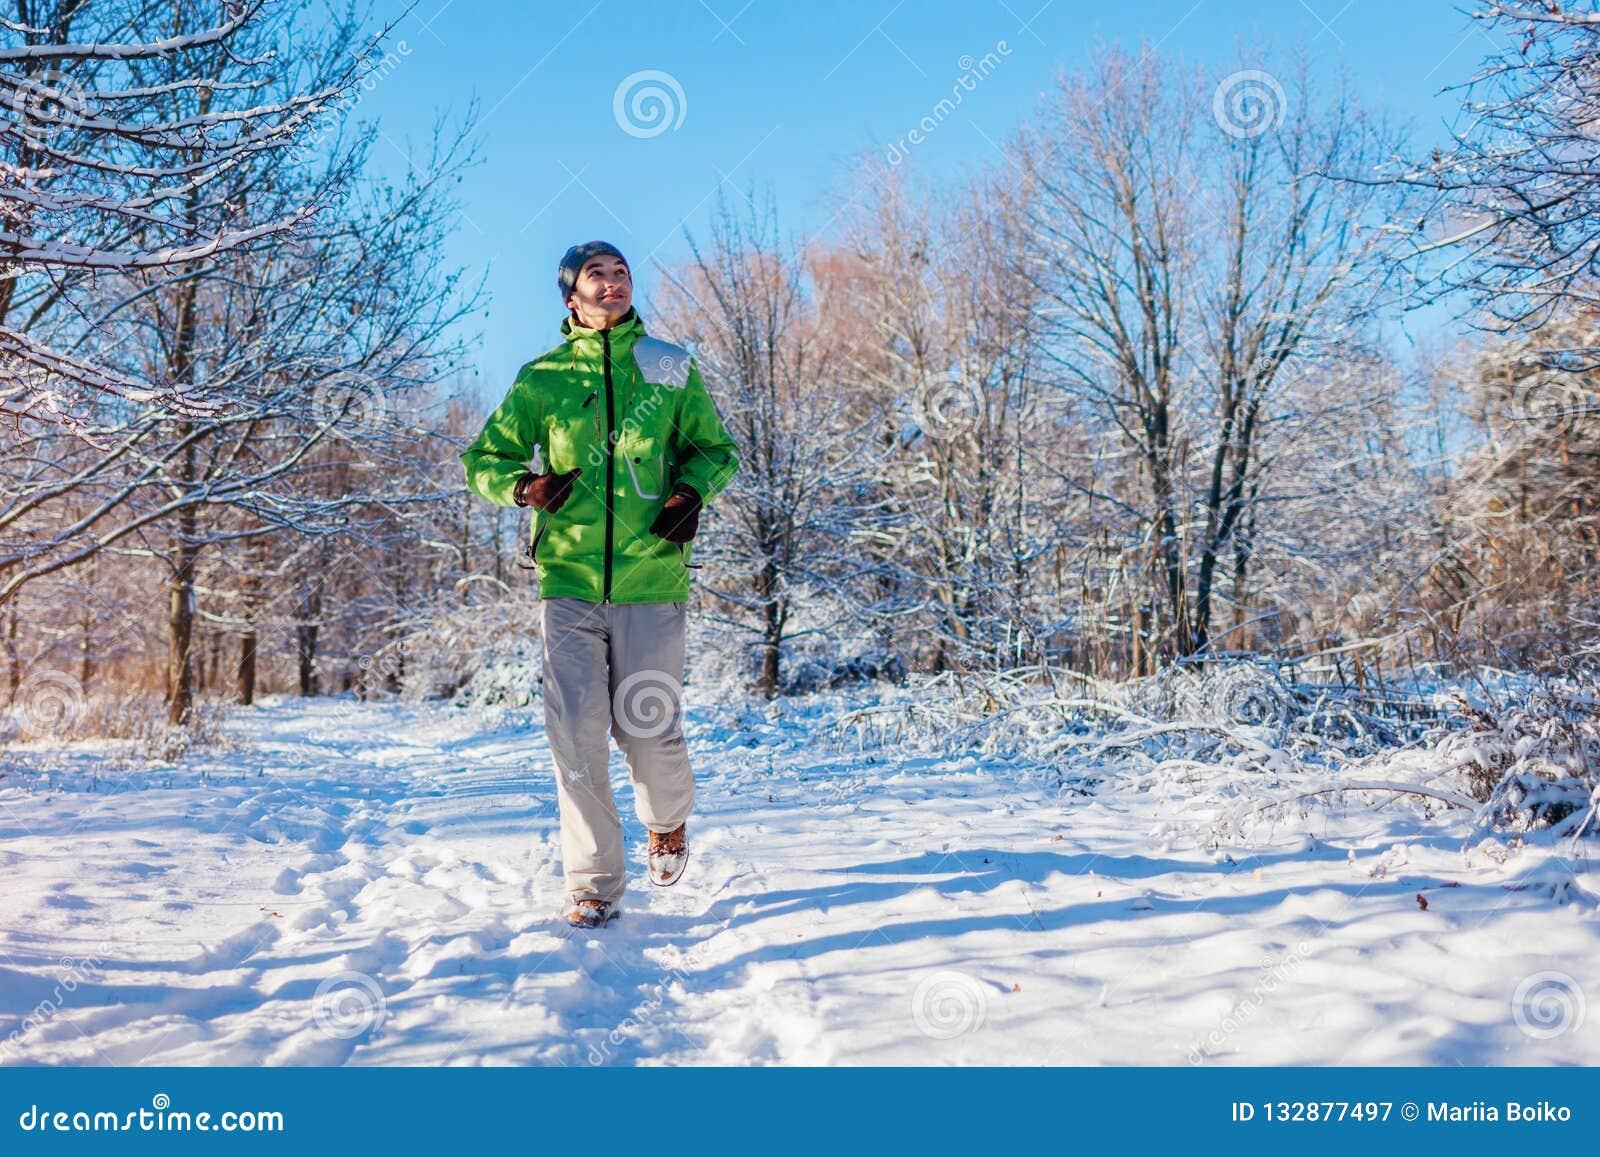 Lopende atletenmens die in de winter bos Opleiding buiten in koud sneeuwweer sprinten Actieve gezonde manier van het leven